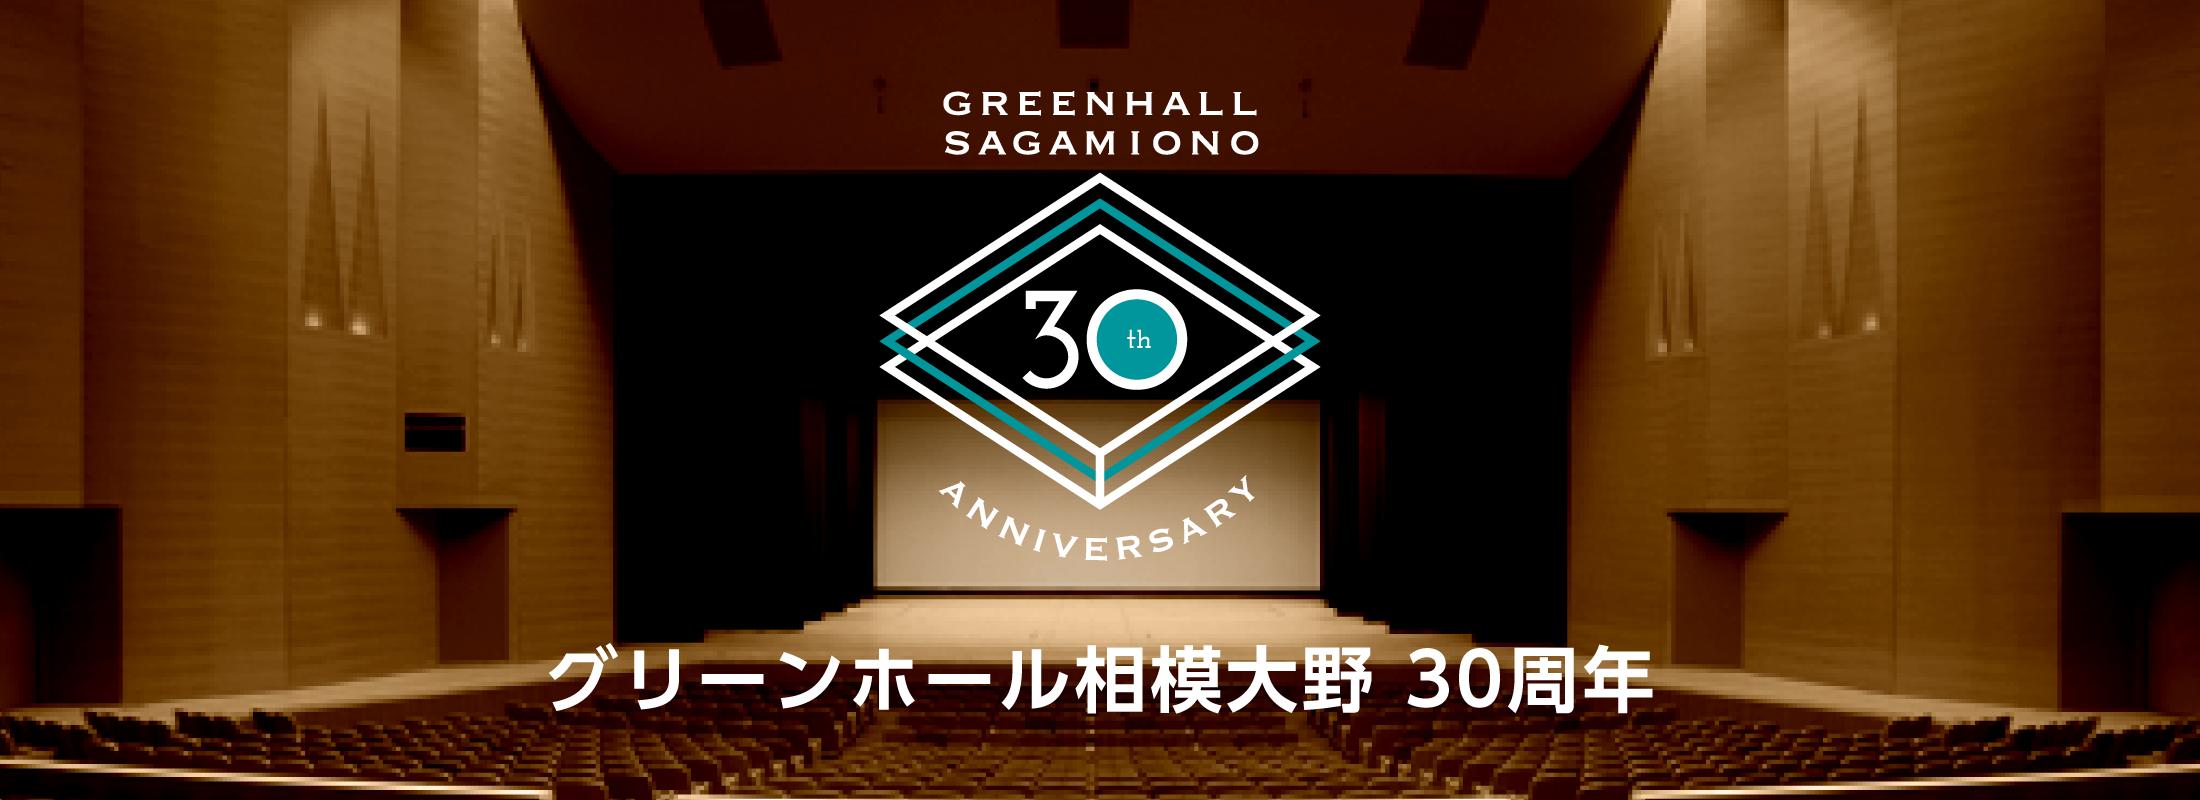 相模原グリーンホール30周年イベントページバナー